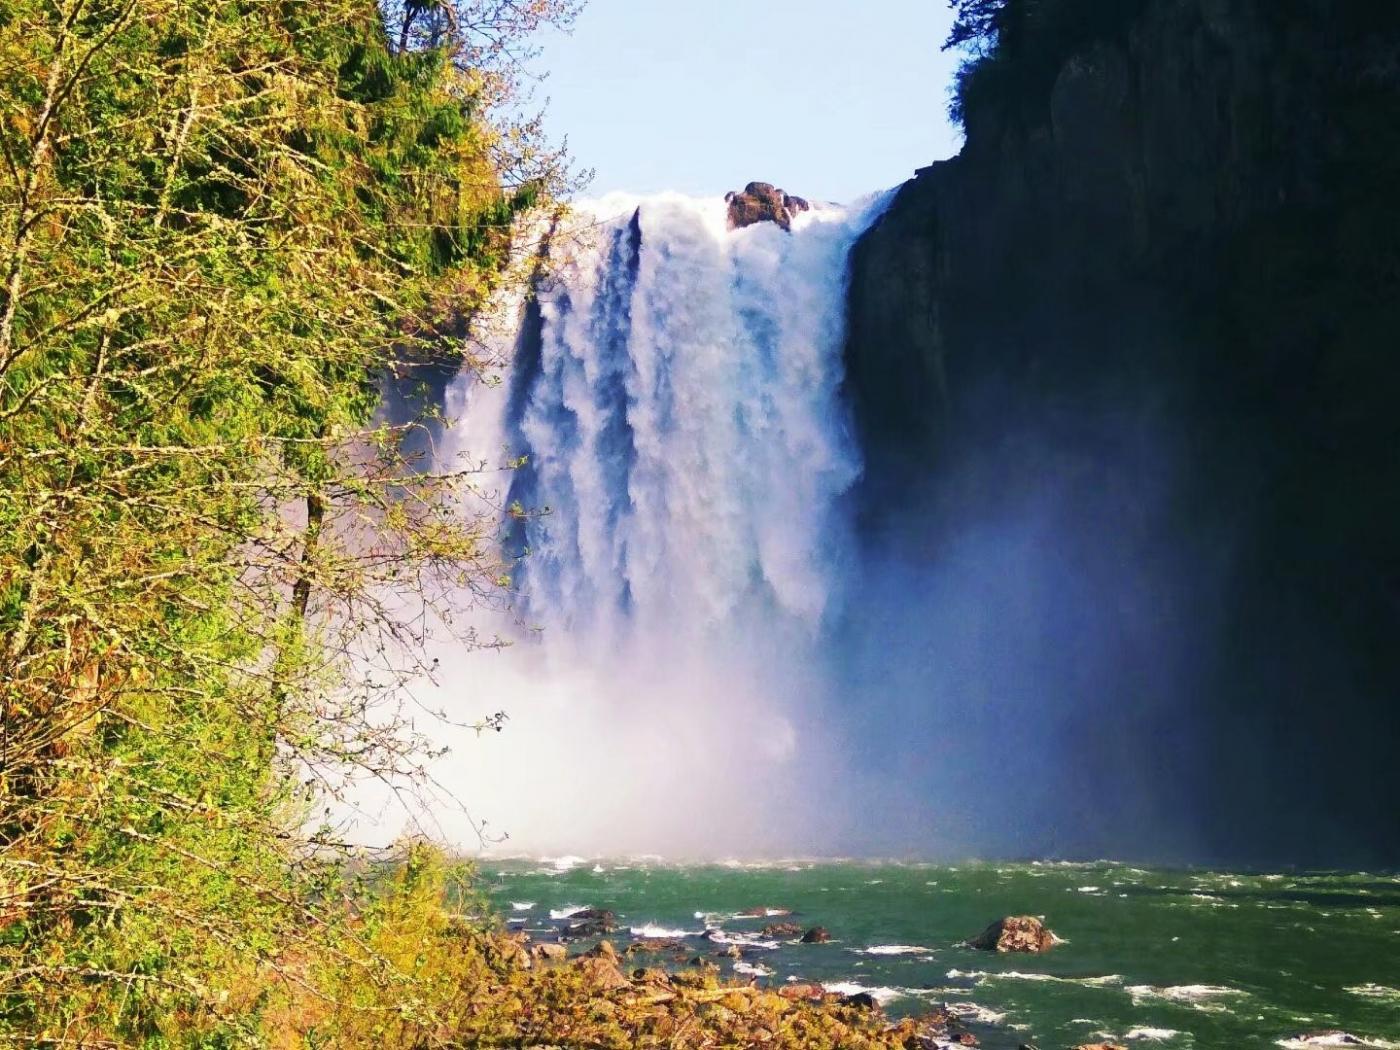 再访斯诺夸尔米瀑布(图)_图1-23